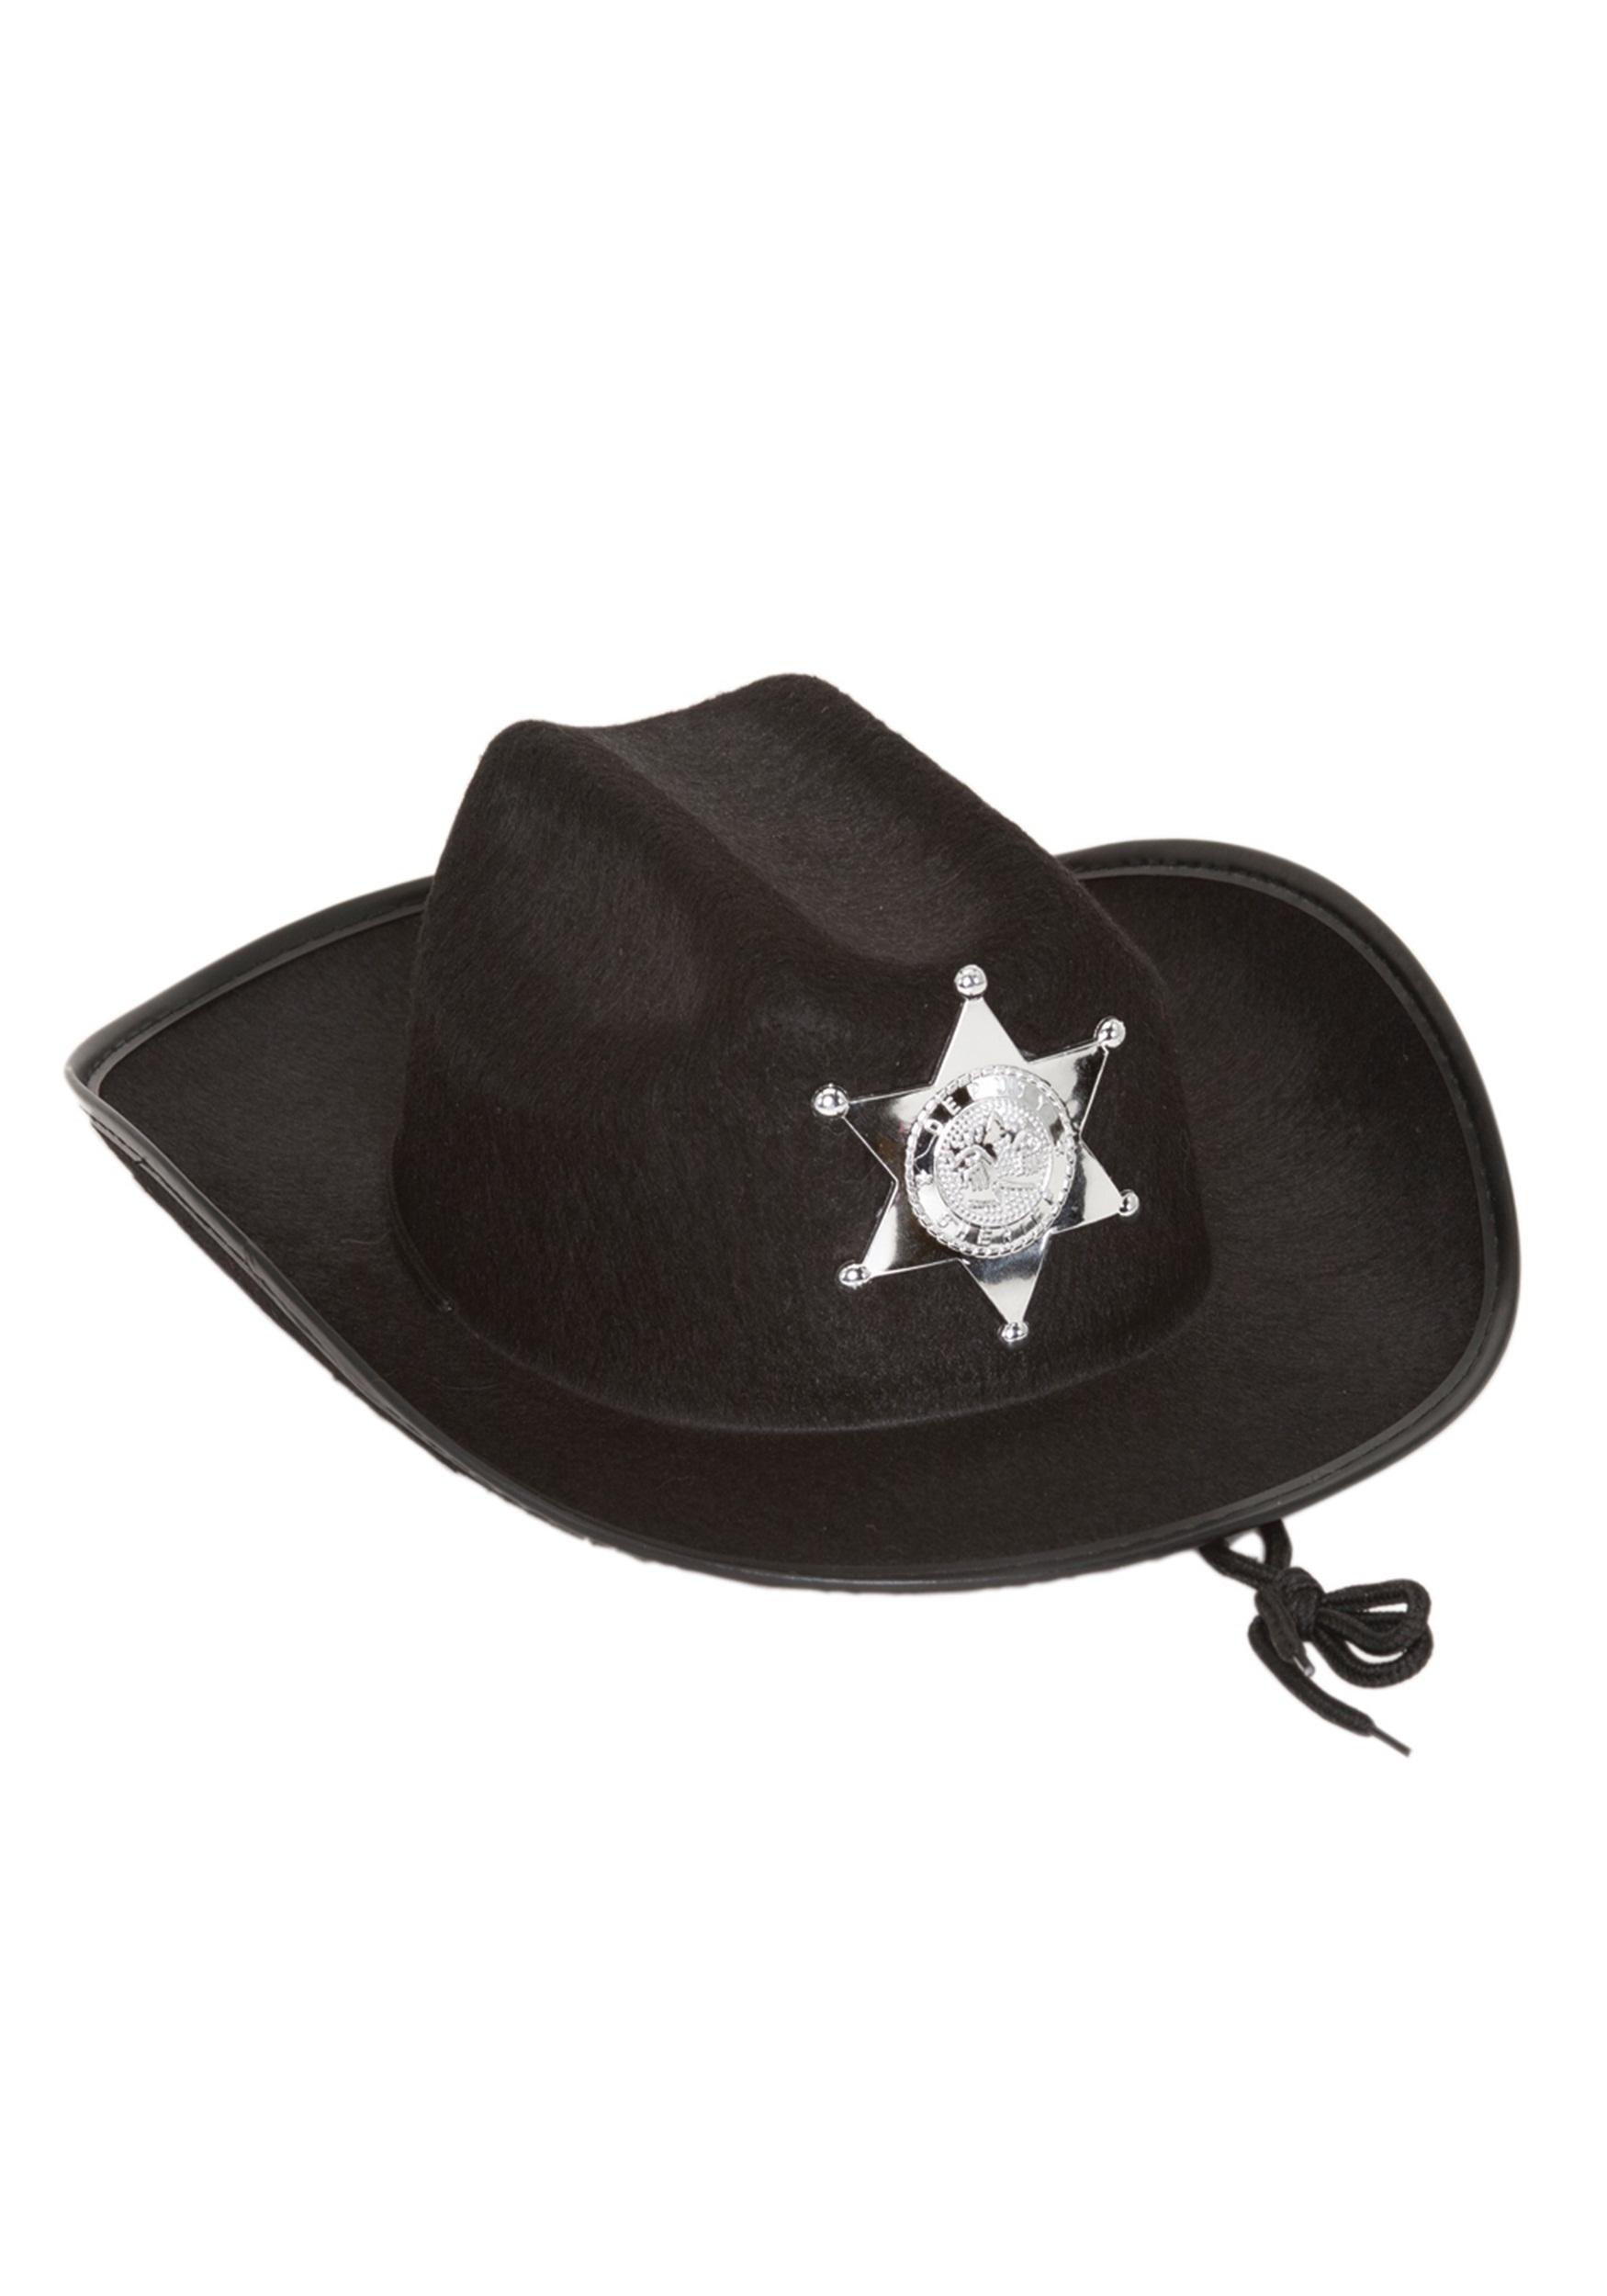 kids-black-sheriff-hat.jpg 577a47fde64